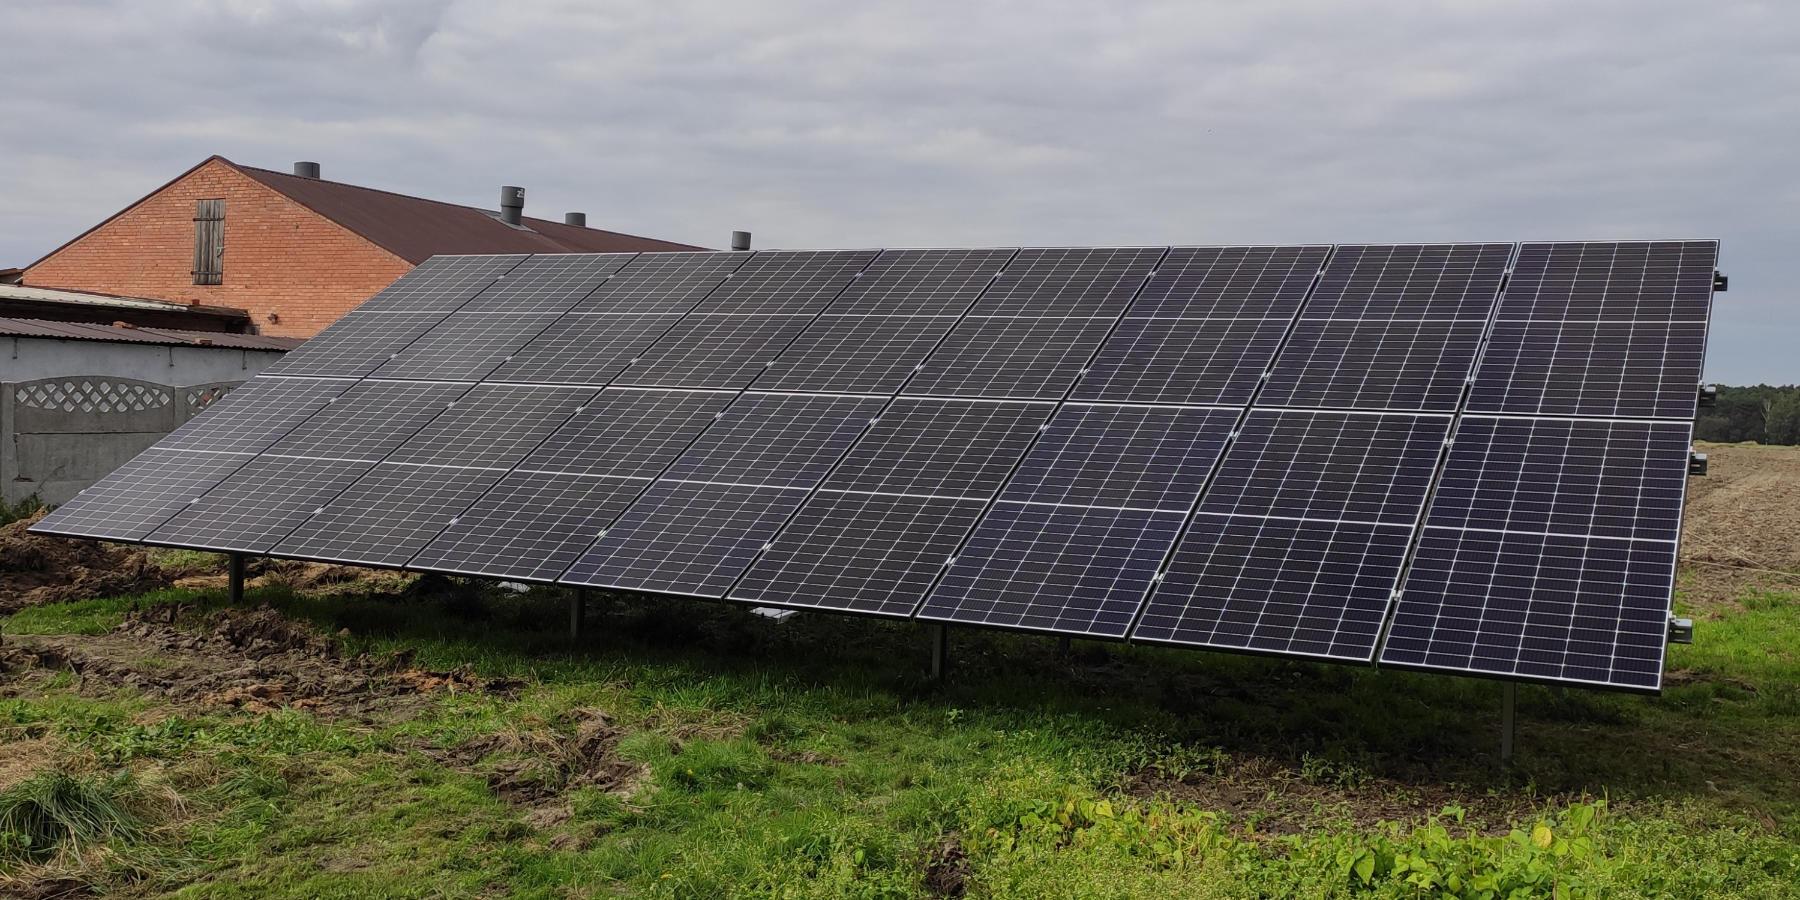 instalacja naziemna fotowoltaiczna 9,72 kw solarprojekt